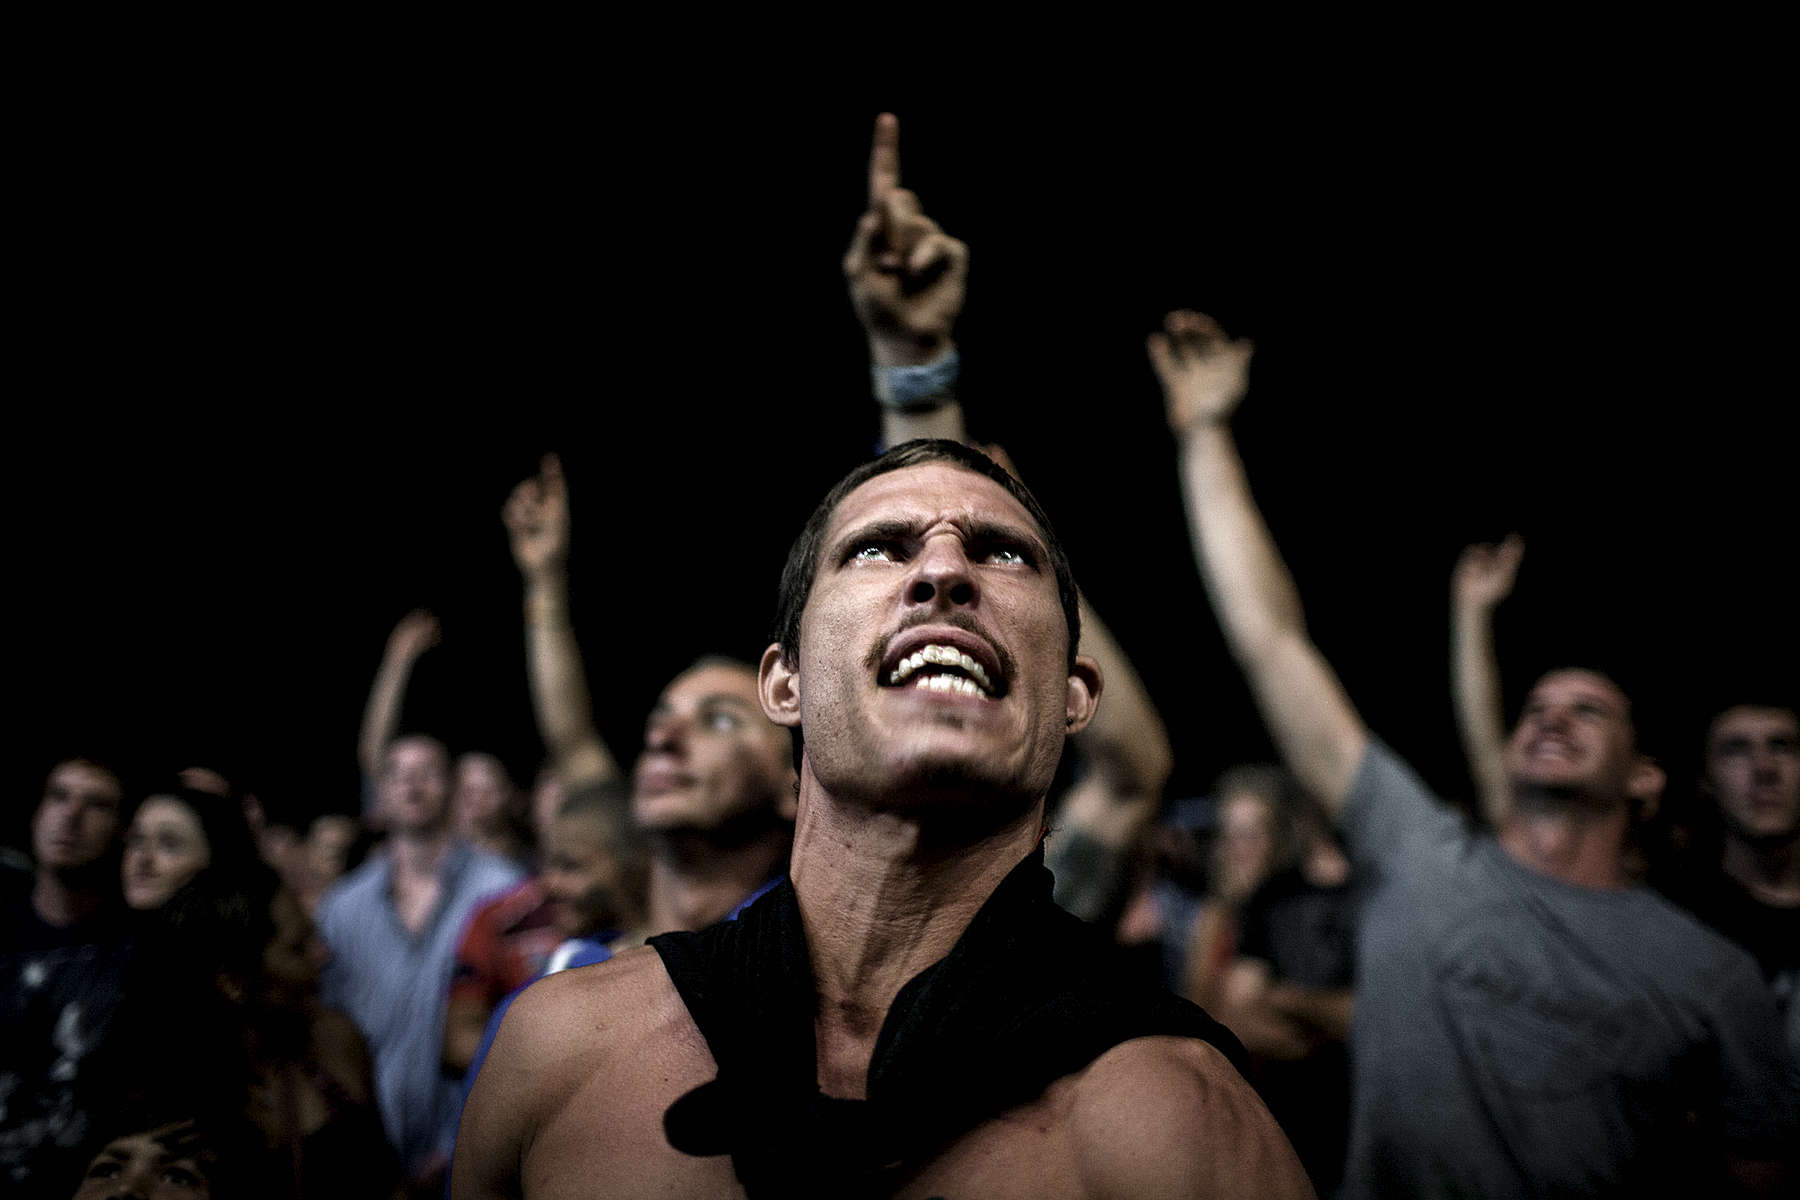 Dans la foule les mains se dressent pour avoir une chance d'être sélectionné par Michael pour se battre. Dundee Lodge près de Darwin, 2012.